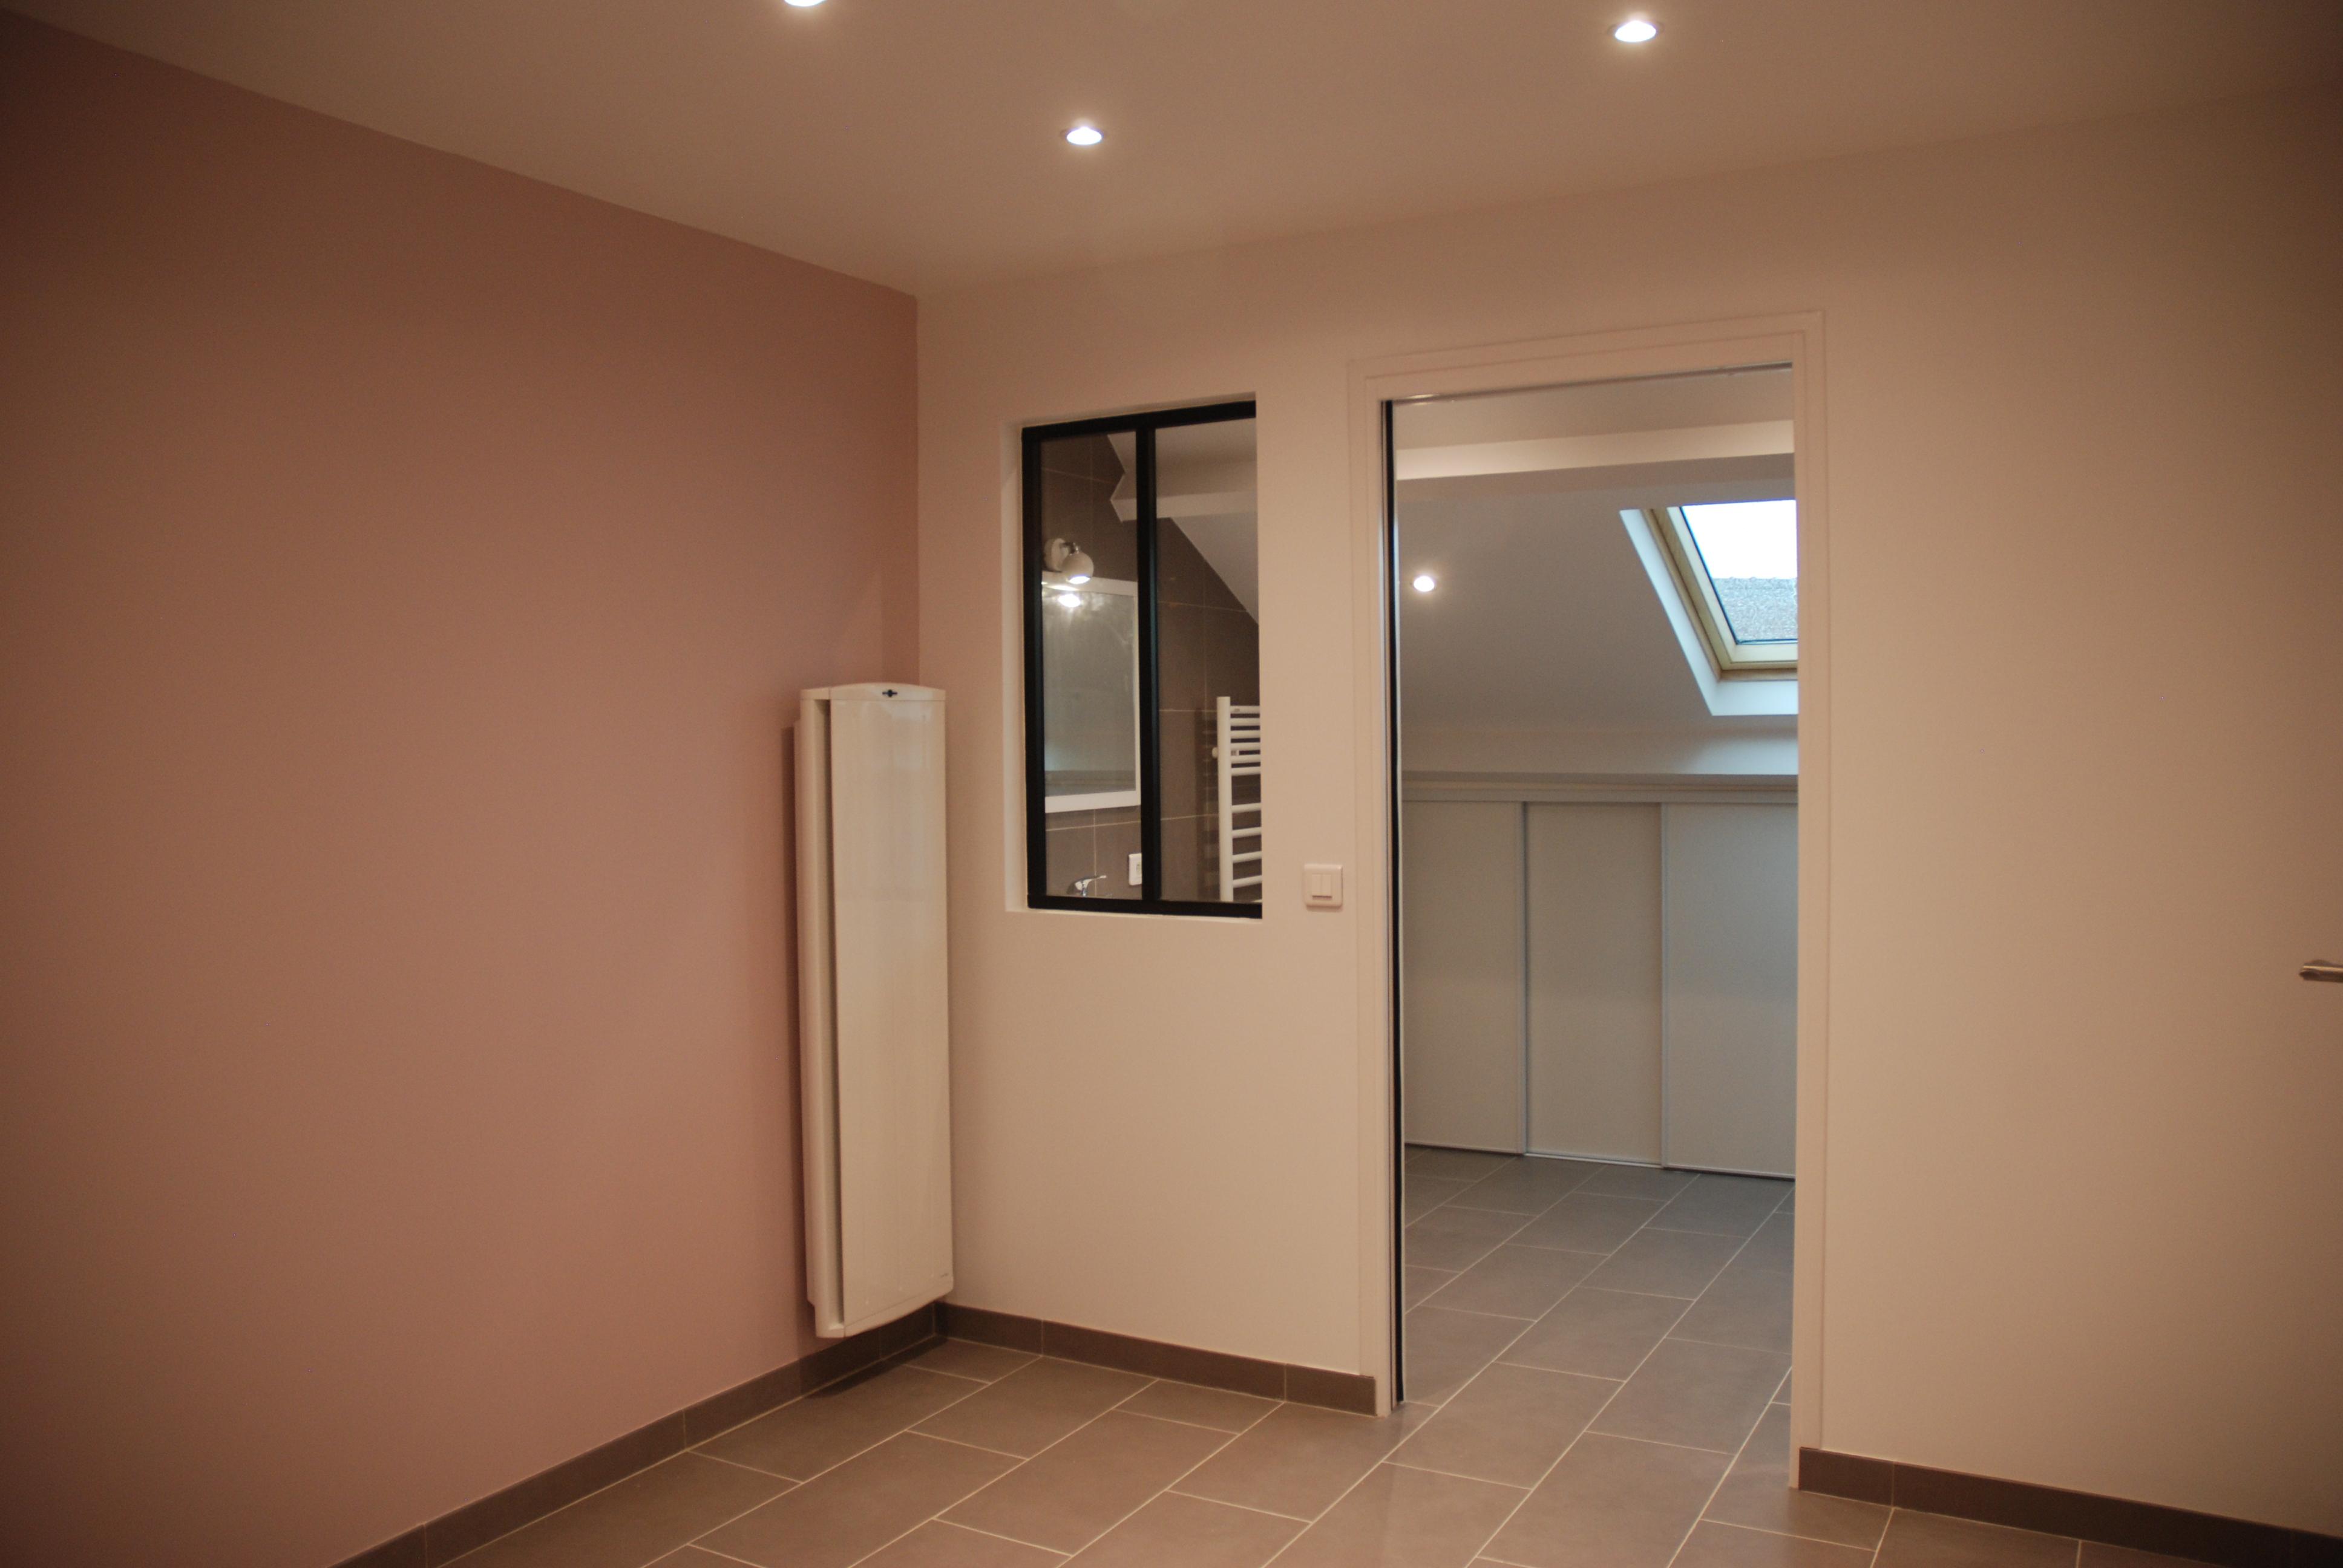 cr ation d 39 une salle de bain au dessus du garage r novation isolation mur porteur villiers. Black Bedroom Furniture Sets. Home Design Ideas